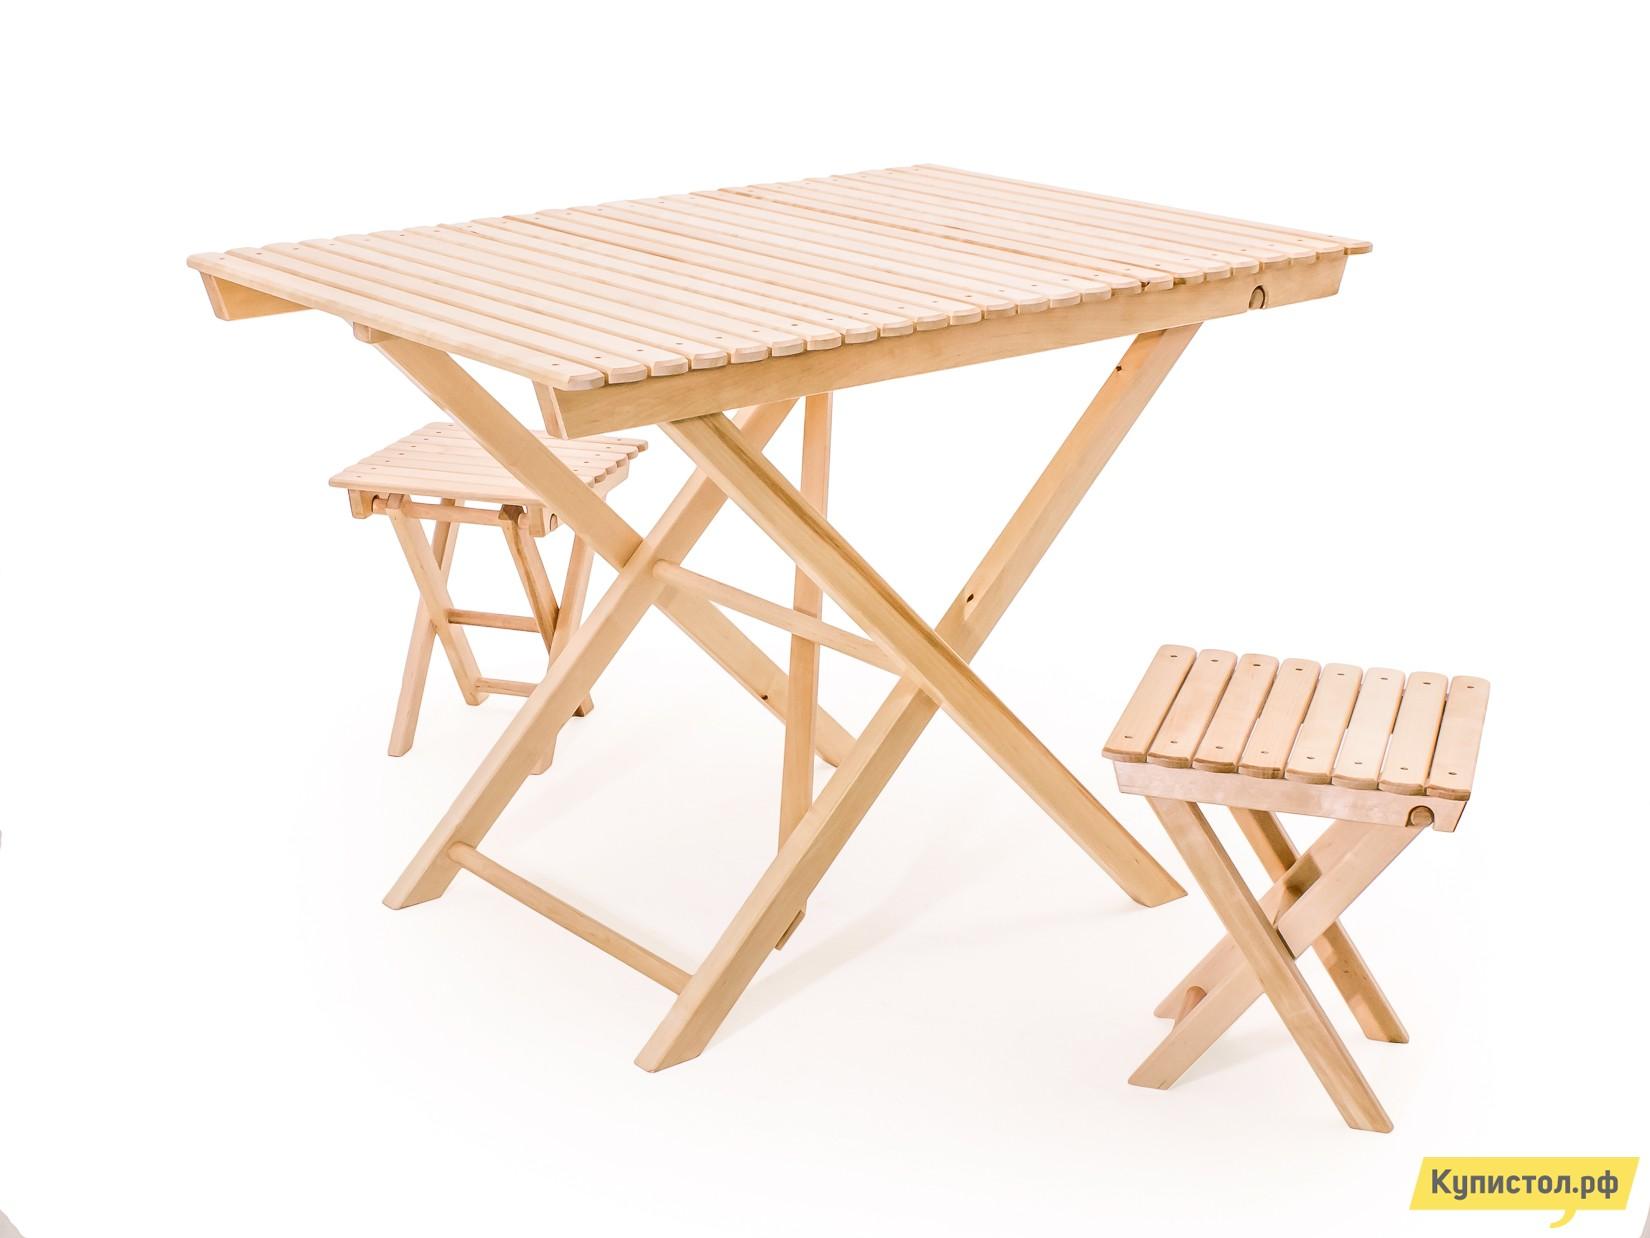 Комплект садовой мебели СМКА СМ004Б+СМ018Б 2 шт Береза